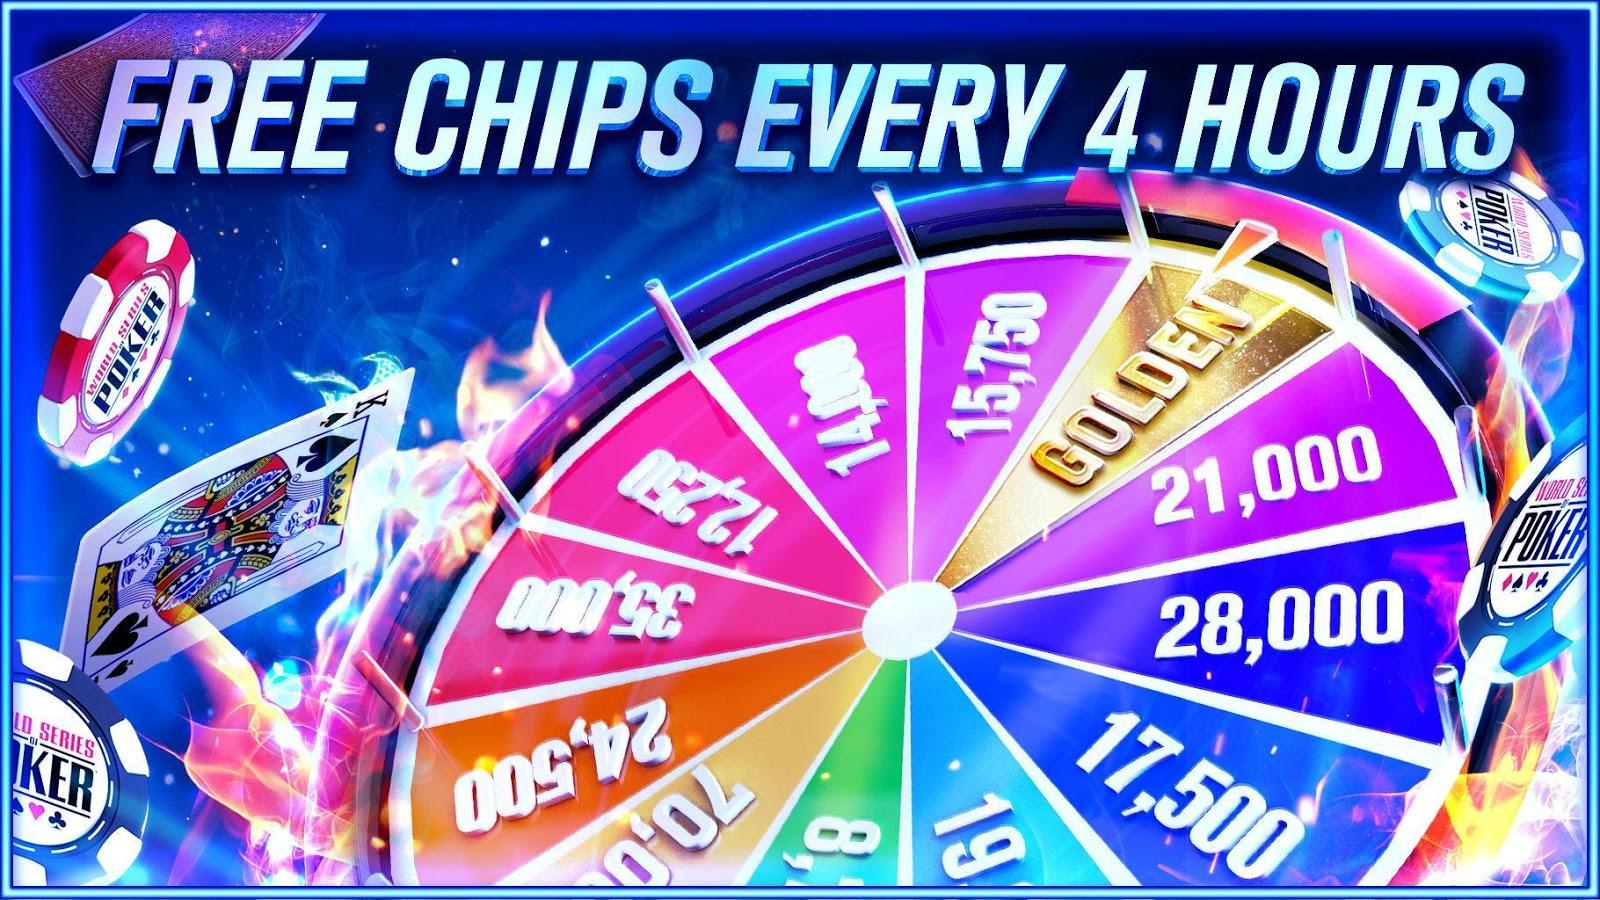 Wsop Poker Game Free Download